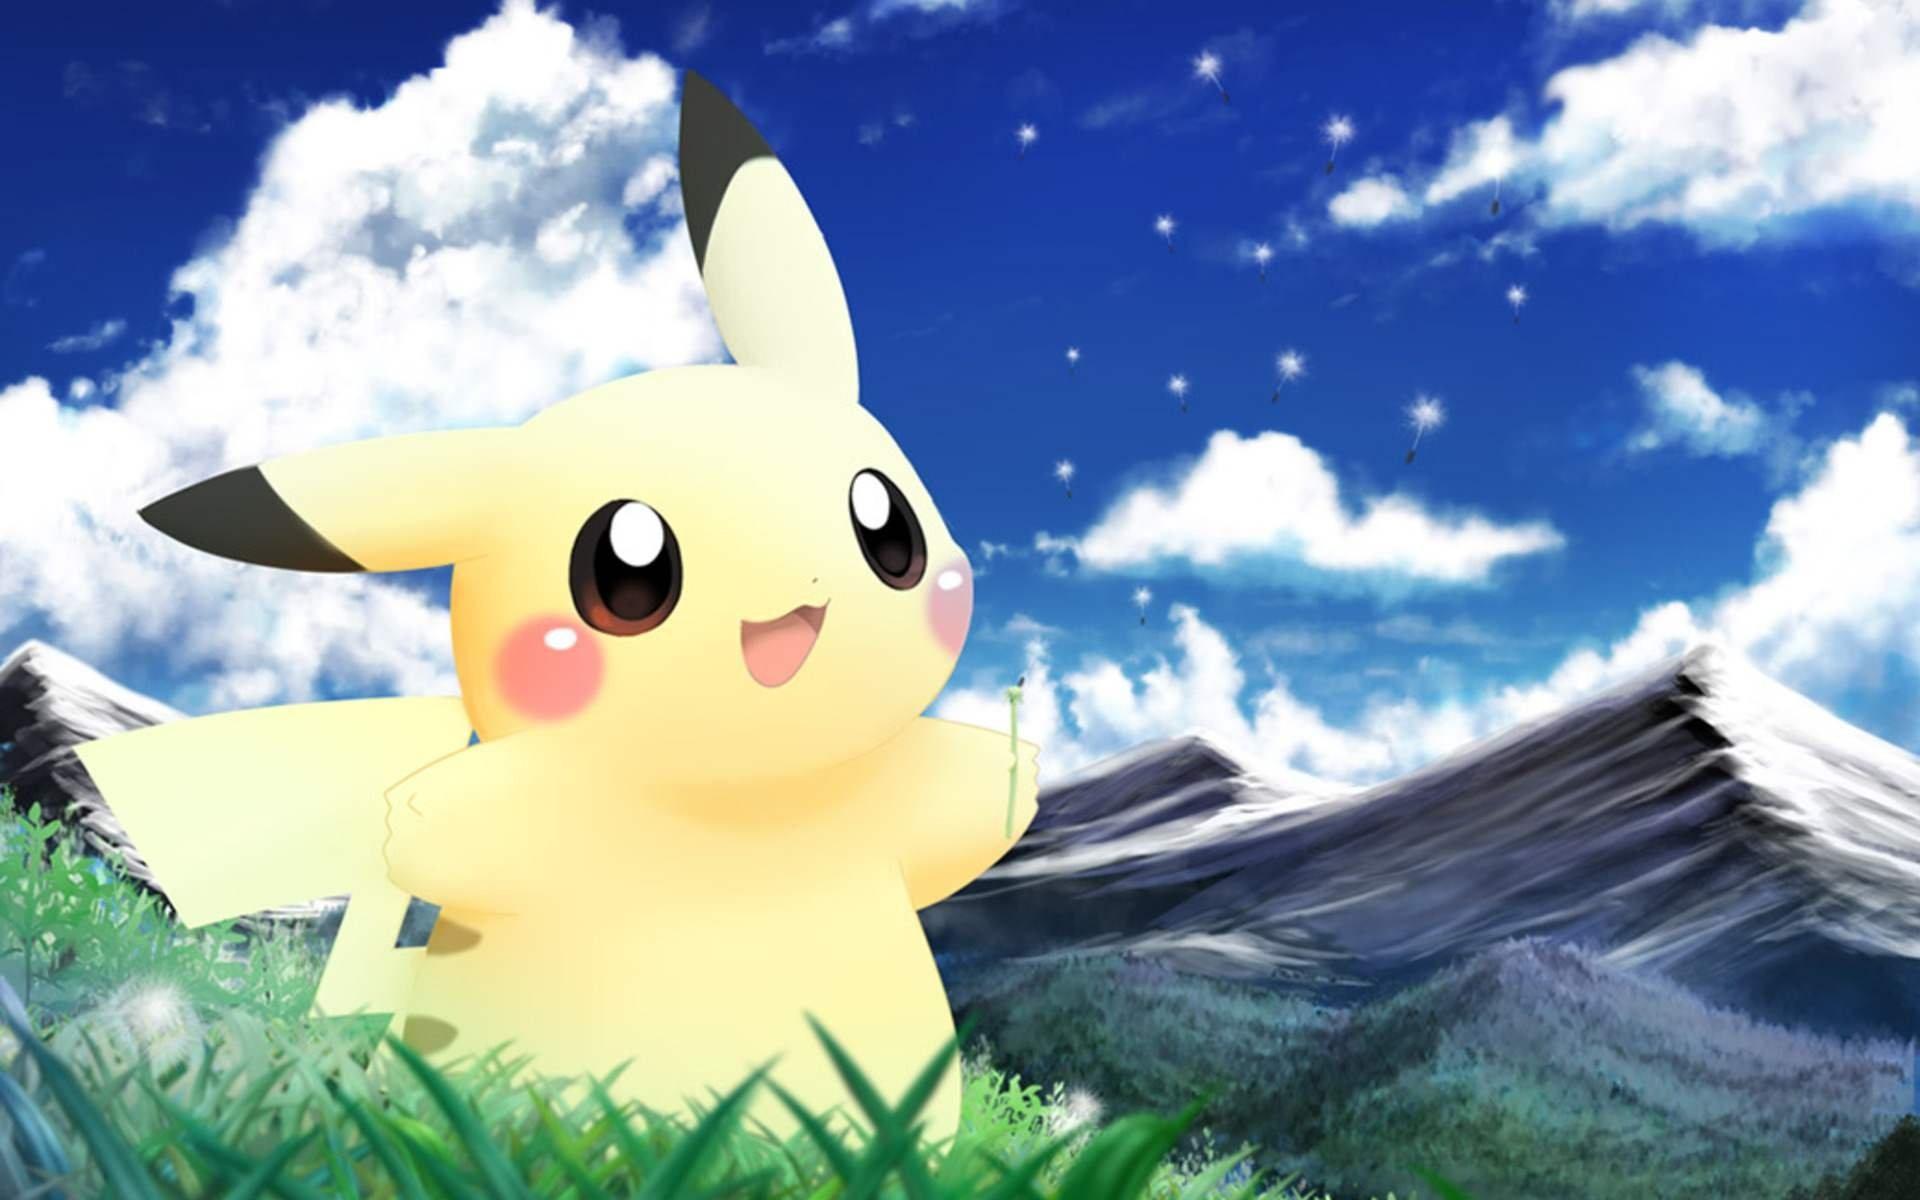 Pikachu Pokemon 334557